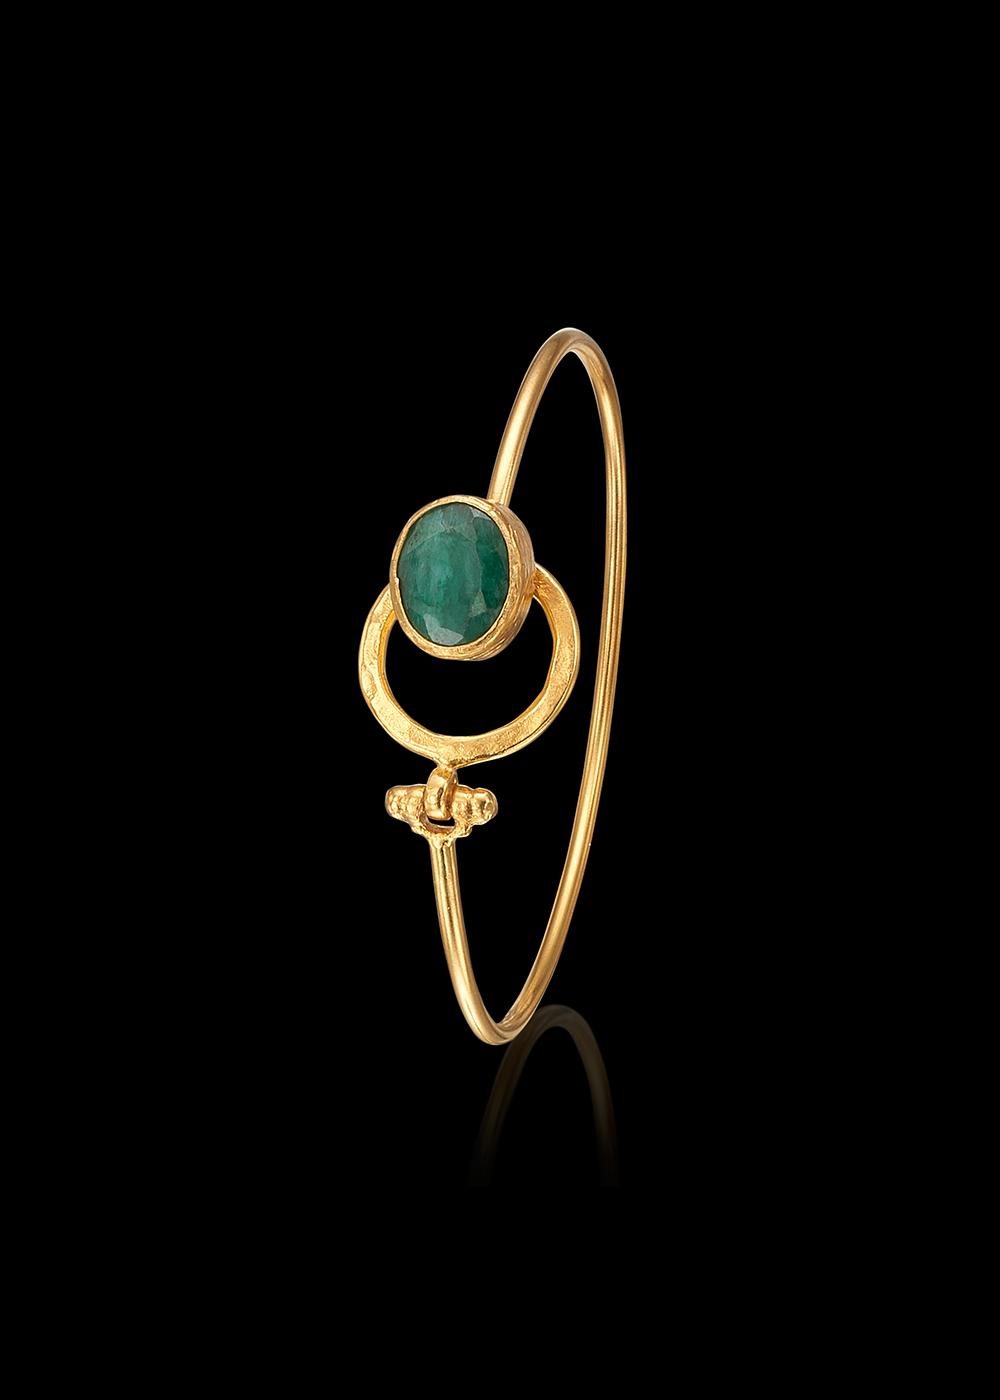 KYBRA bracelet with Emerald